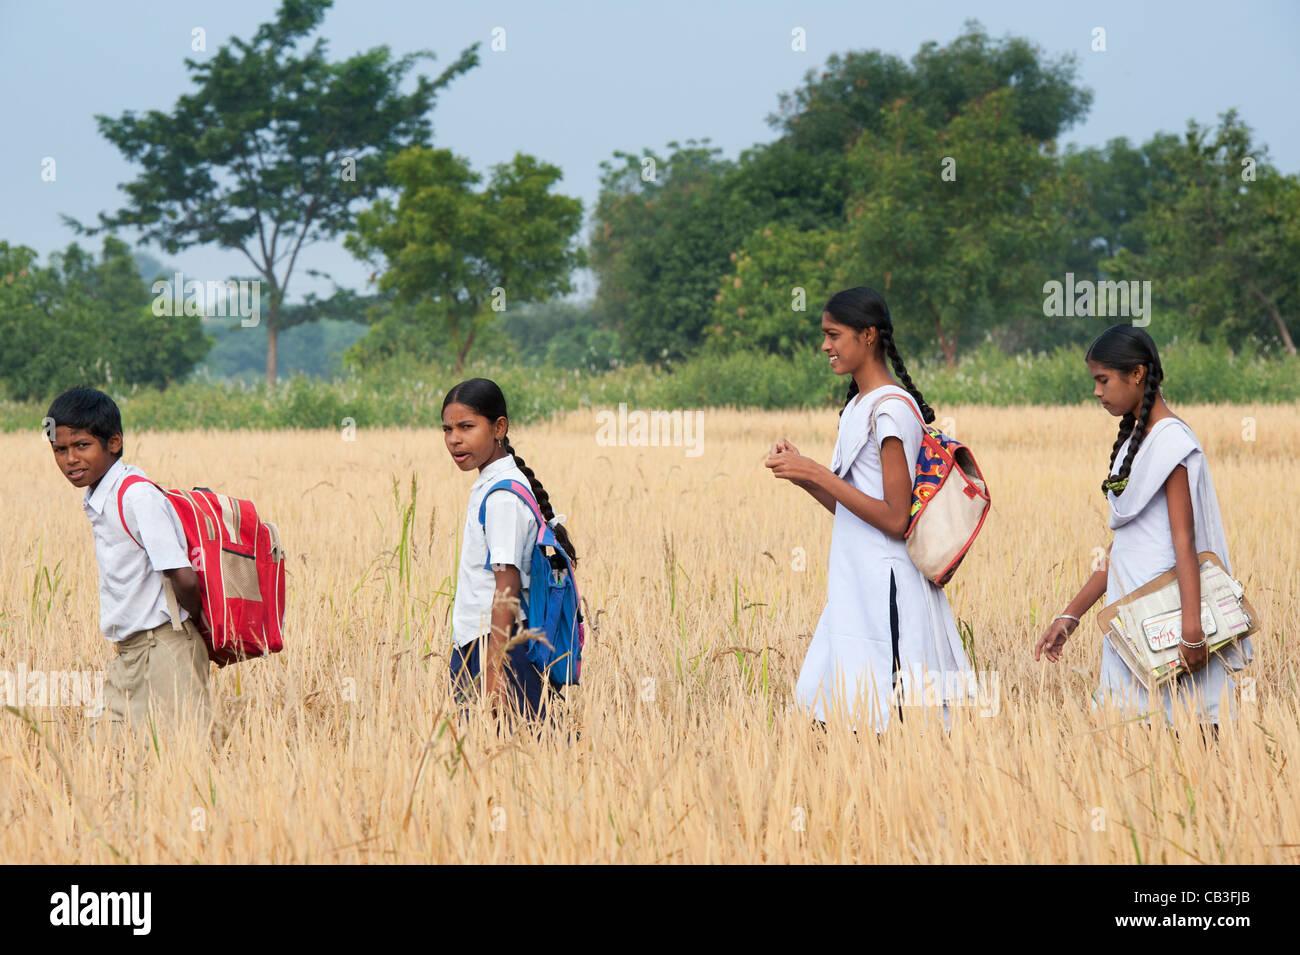 Indische Kinder gehen zur Schule durch Reife Reis Reisfeld. Andhra Pradesh, Indien Stockbild